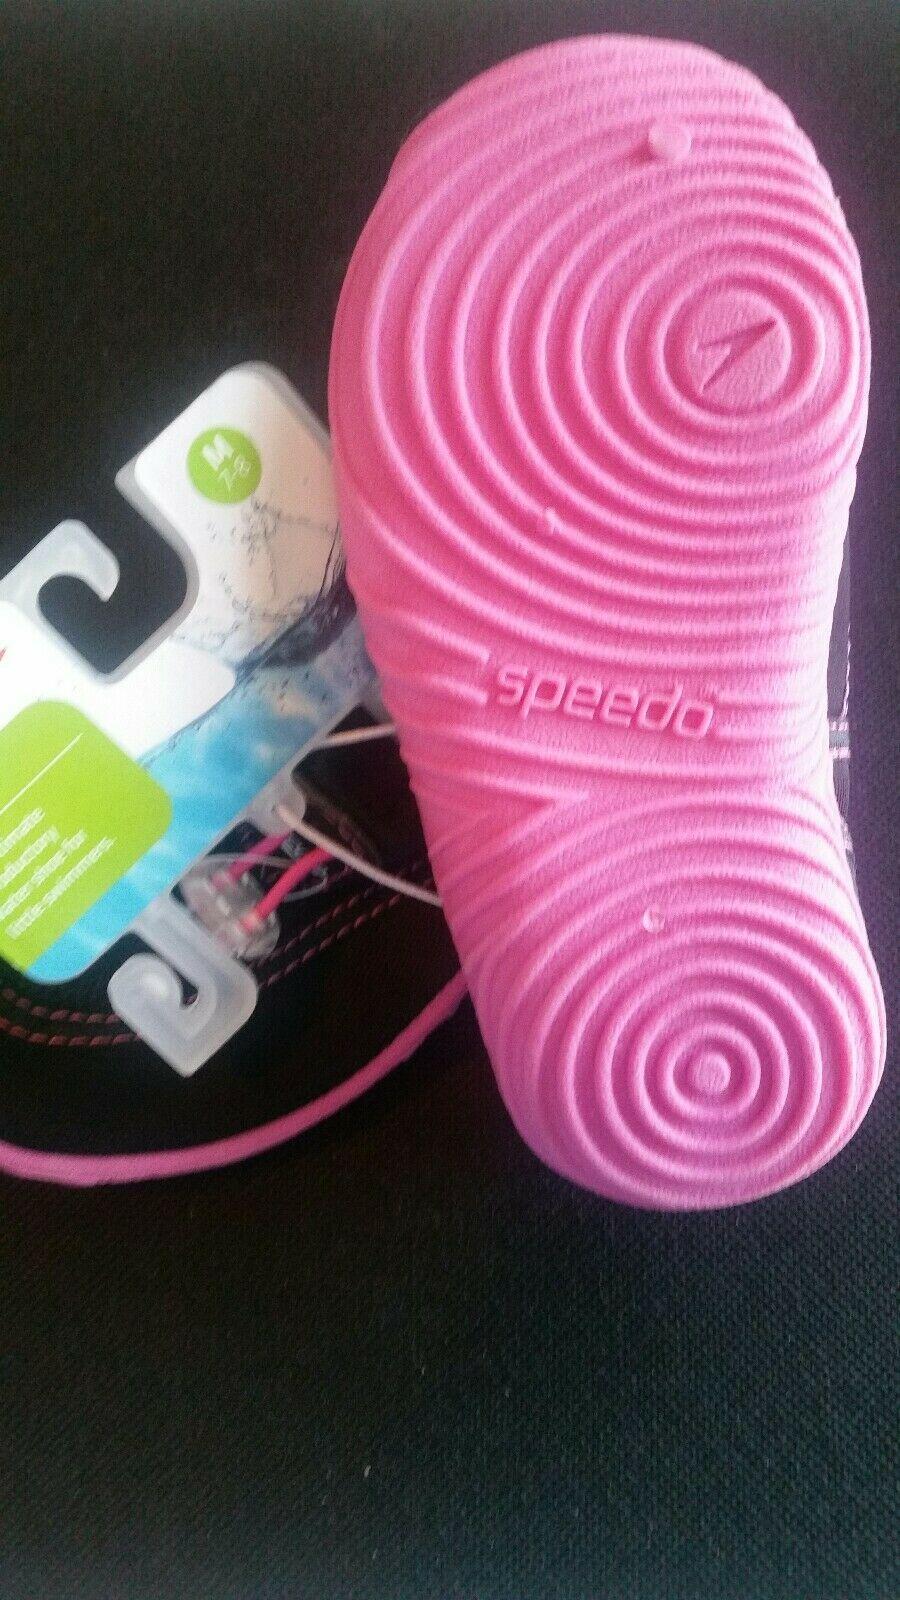 Speedo  Kids Girls Water Shoes NWT Shoe Size M 7-8 Pool Beach Lake Black /Pink